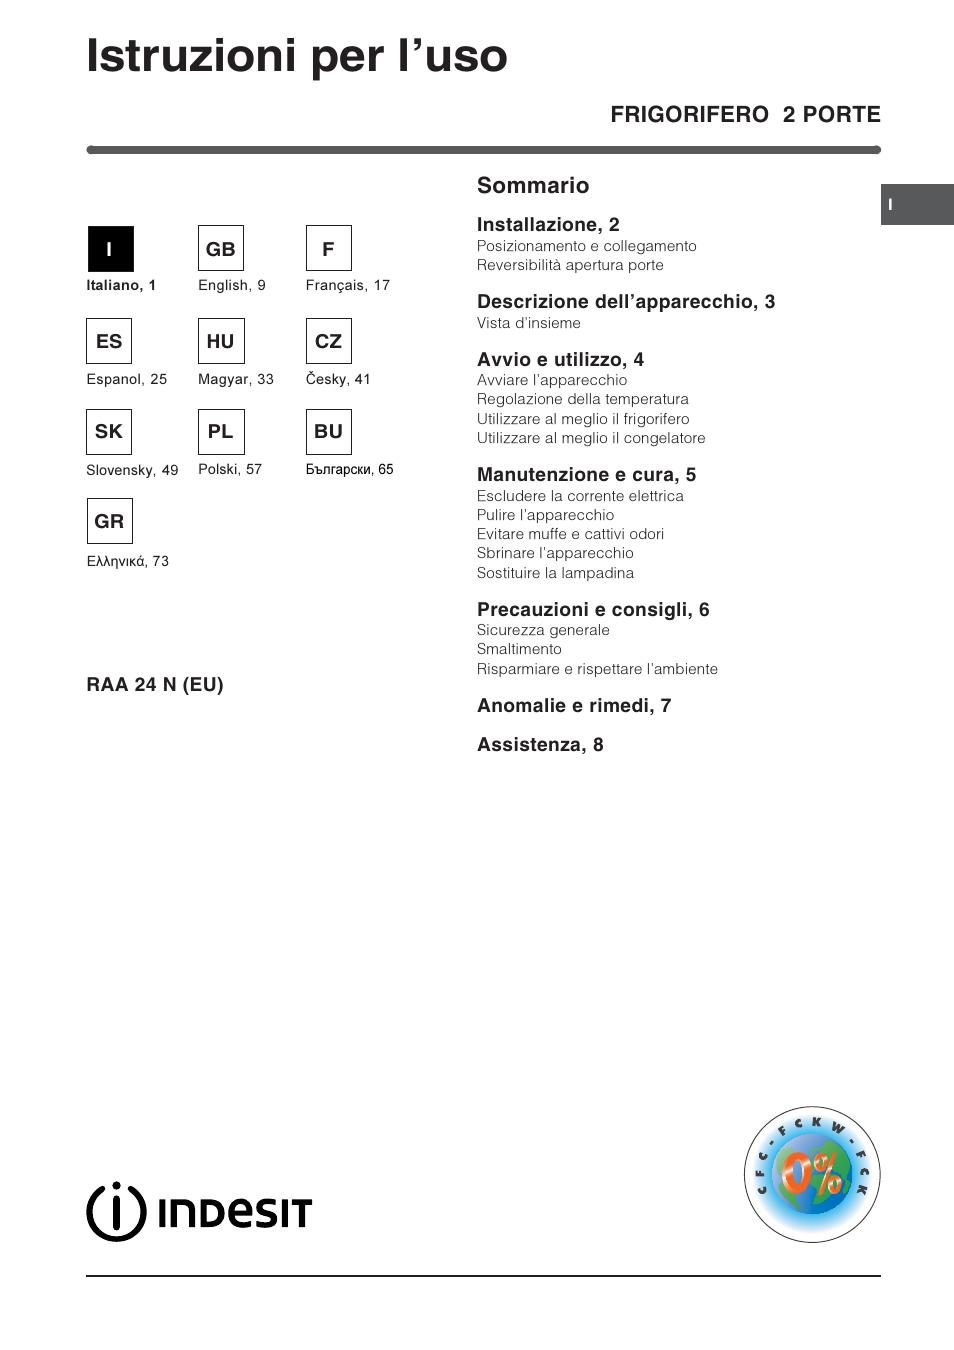 indesit raa 24 n eu user manual 80 pages original mode rh manualsdir com indesit user manual indesit user manual